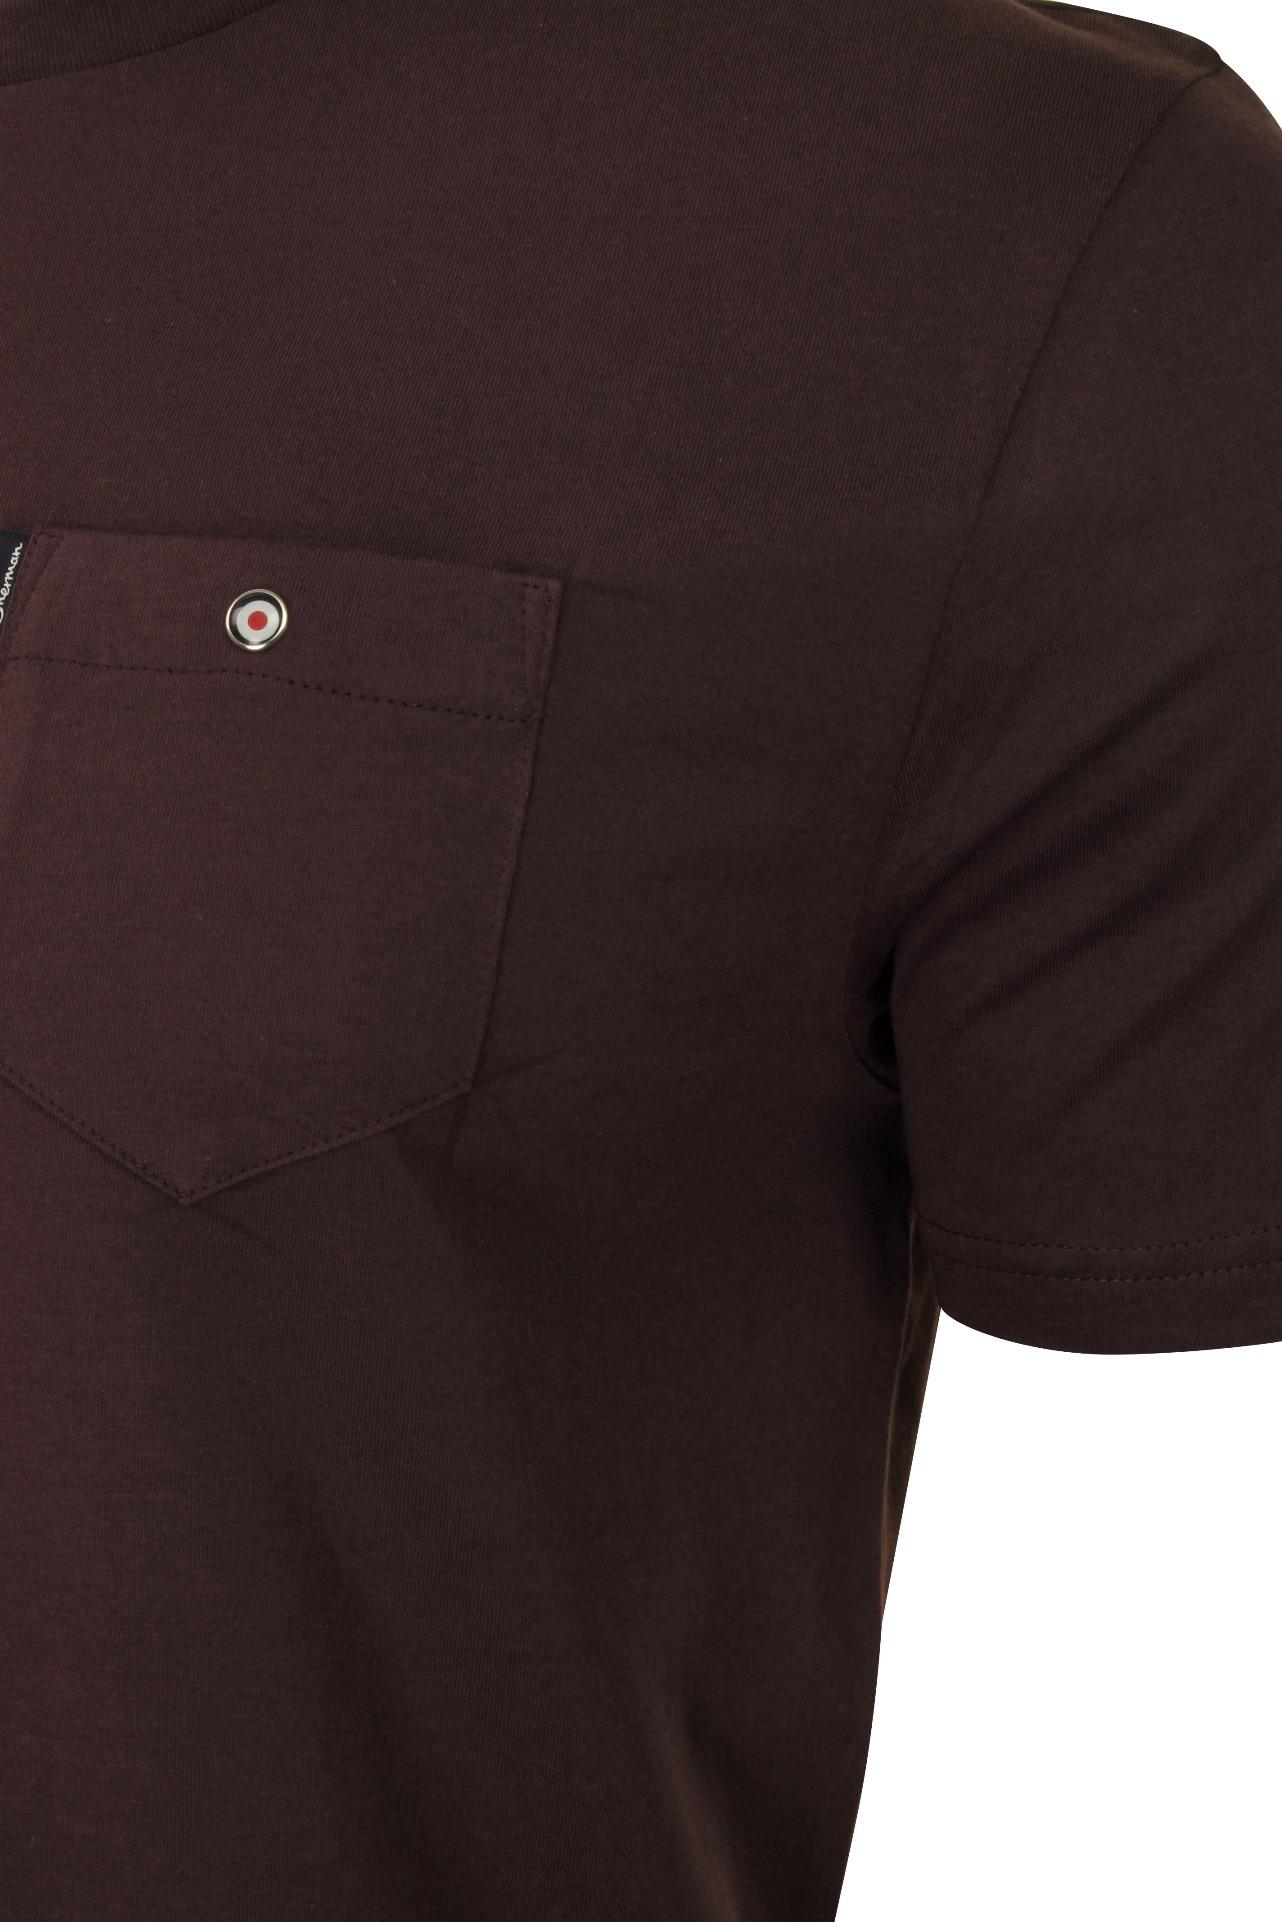 Para-Hombre-Clasico-Pala-Bolsillo-Camiseta-Por-Ben-Sherman miniatura 12